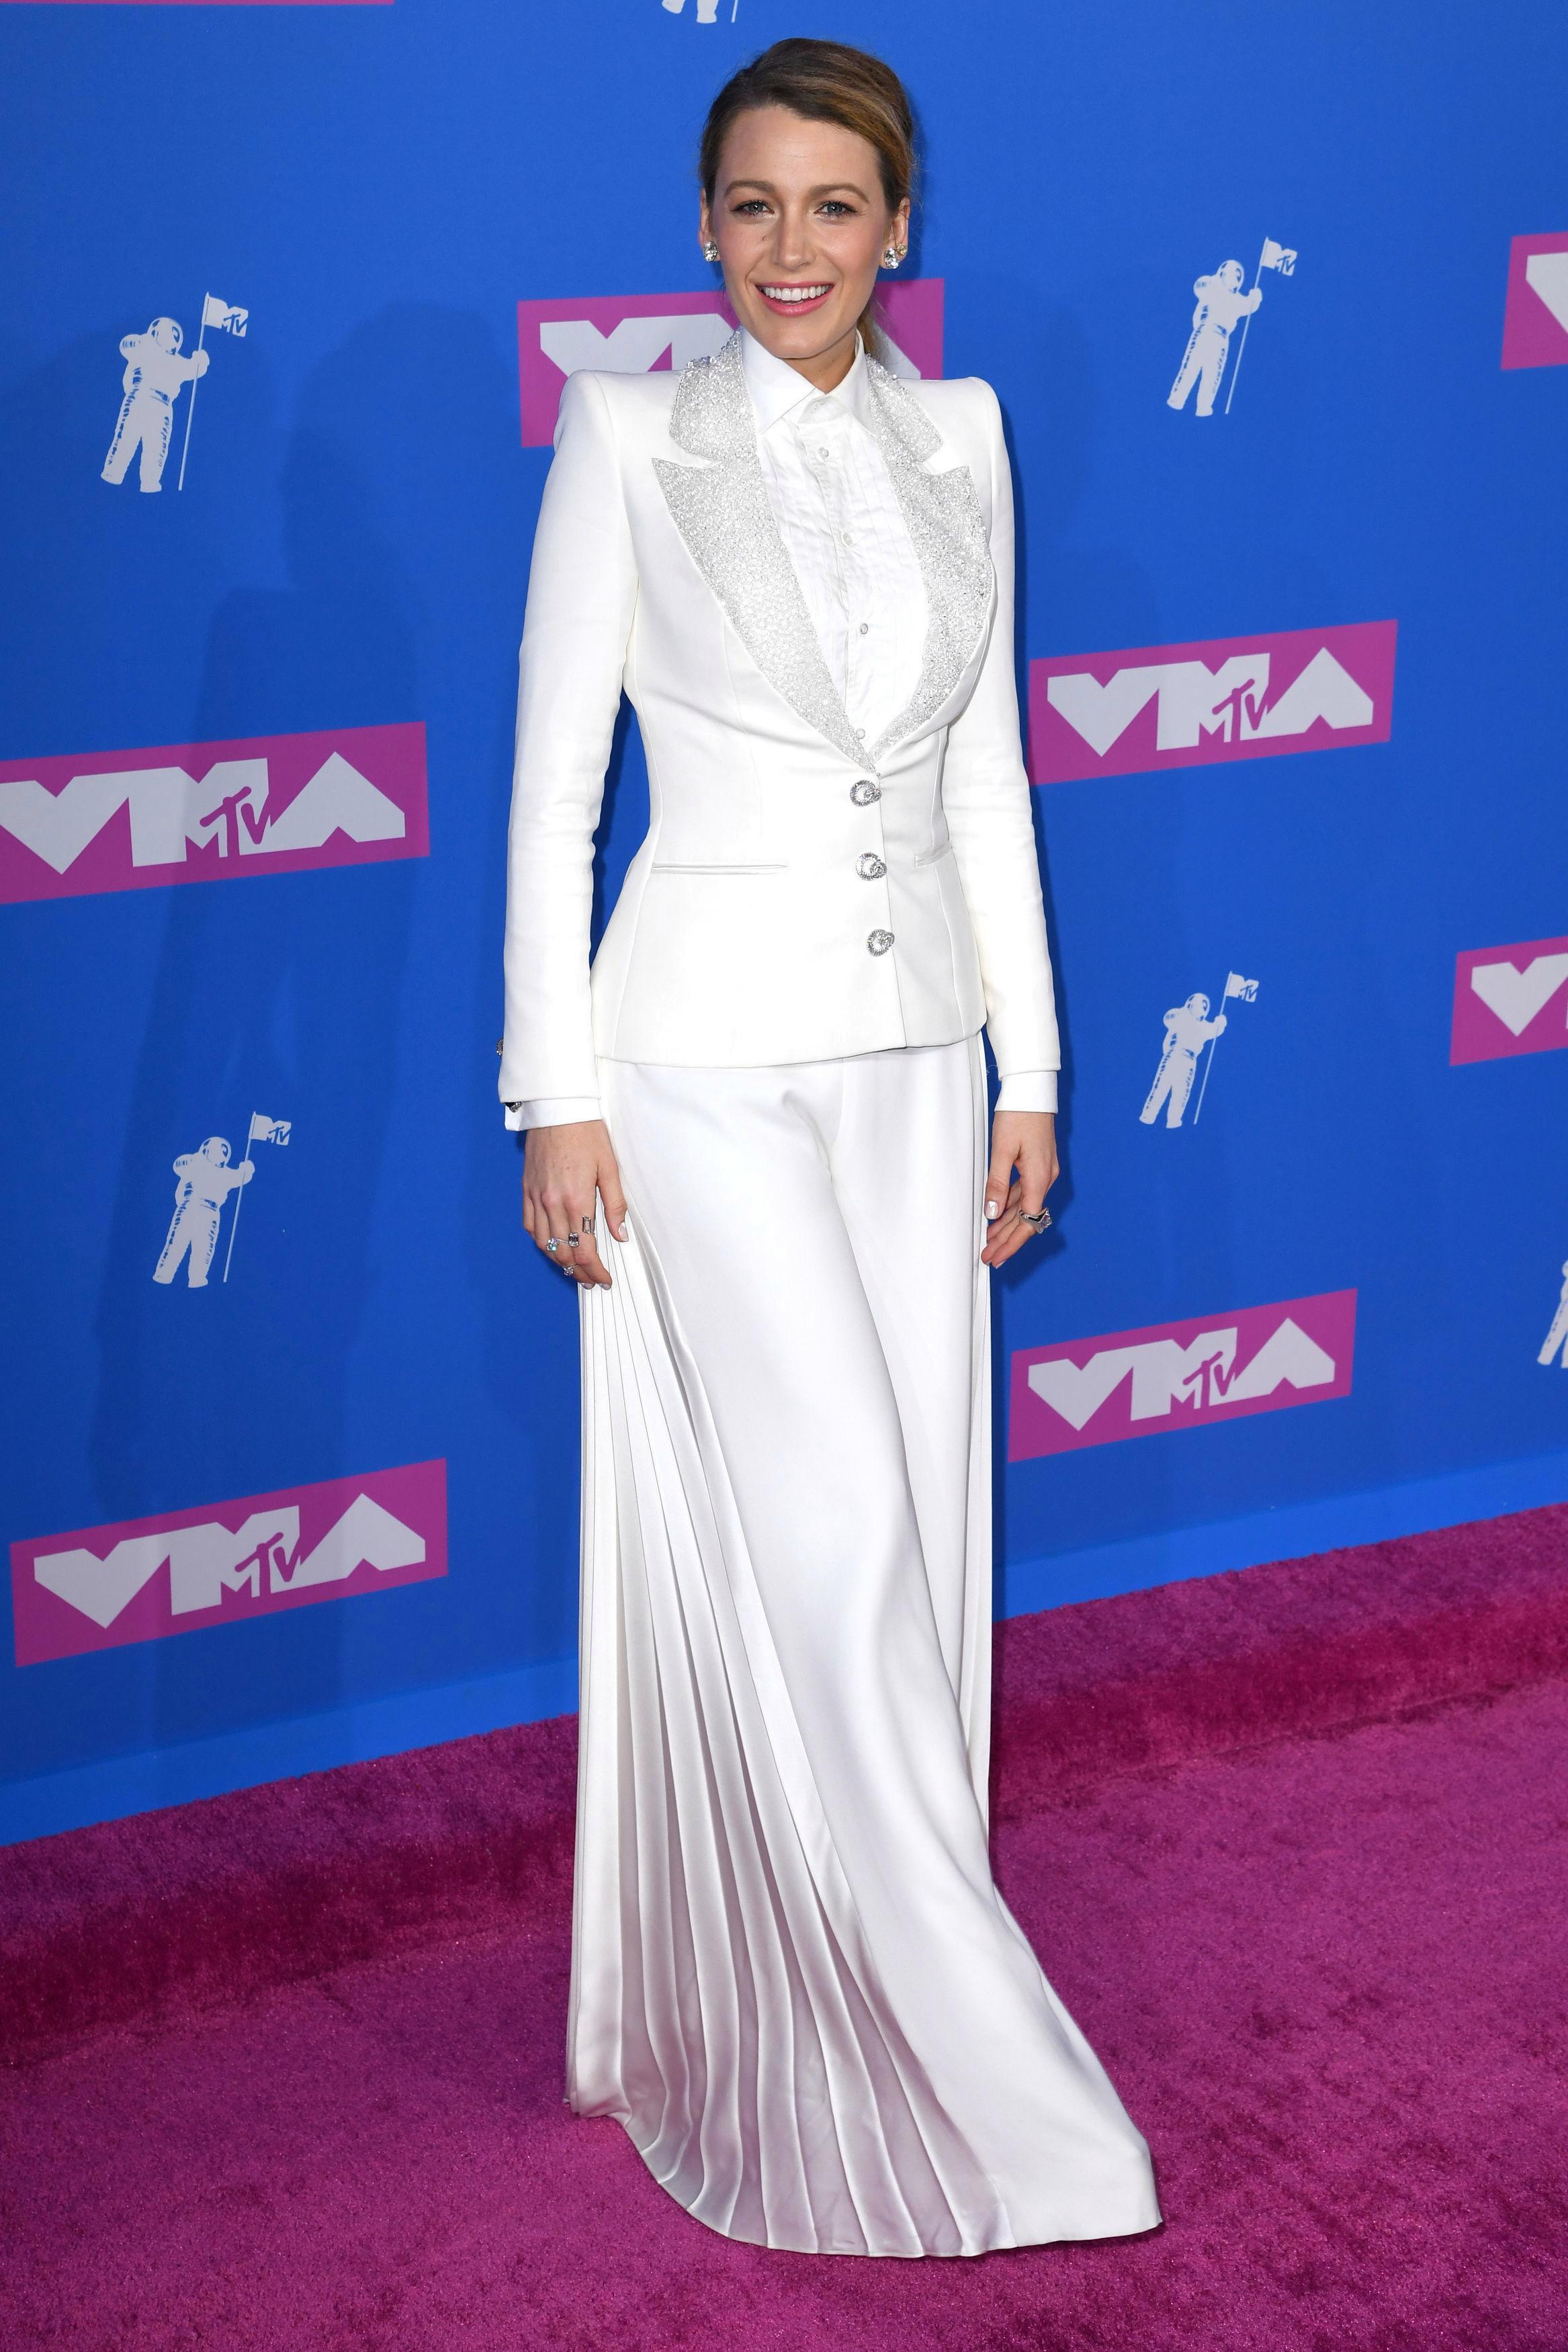 Blake Lively VMA - Neomag.